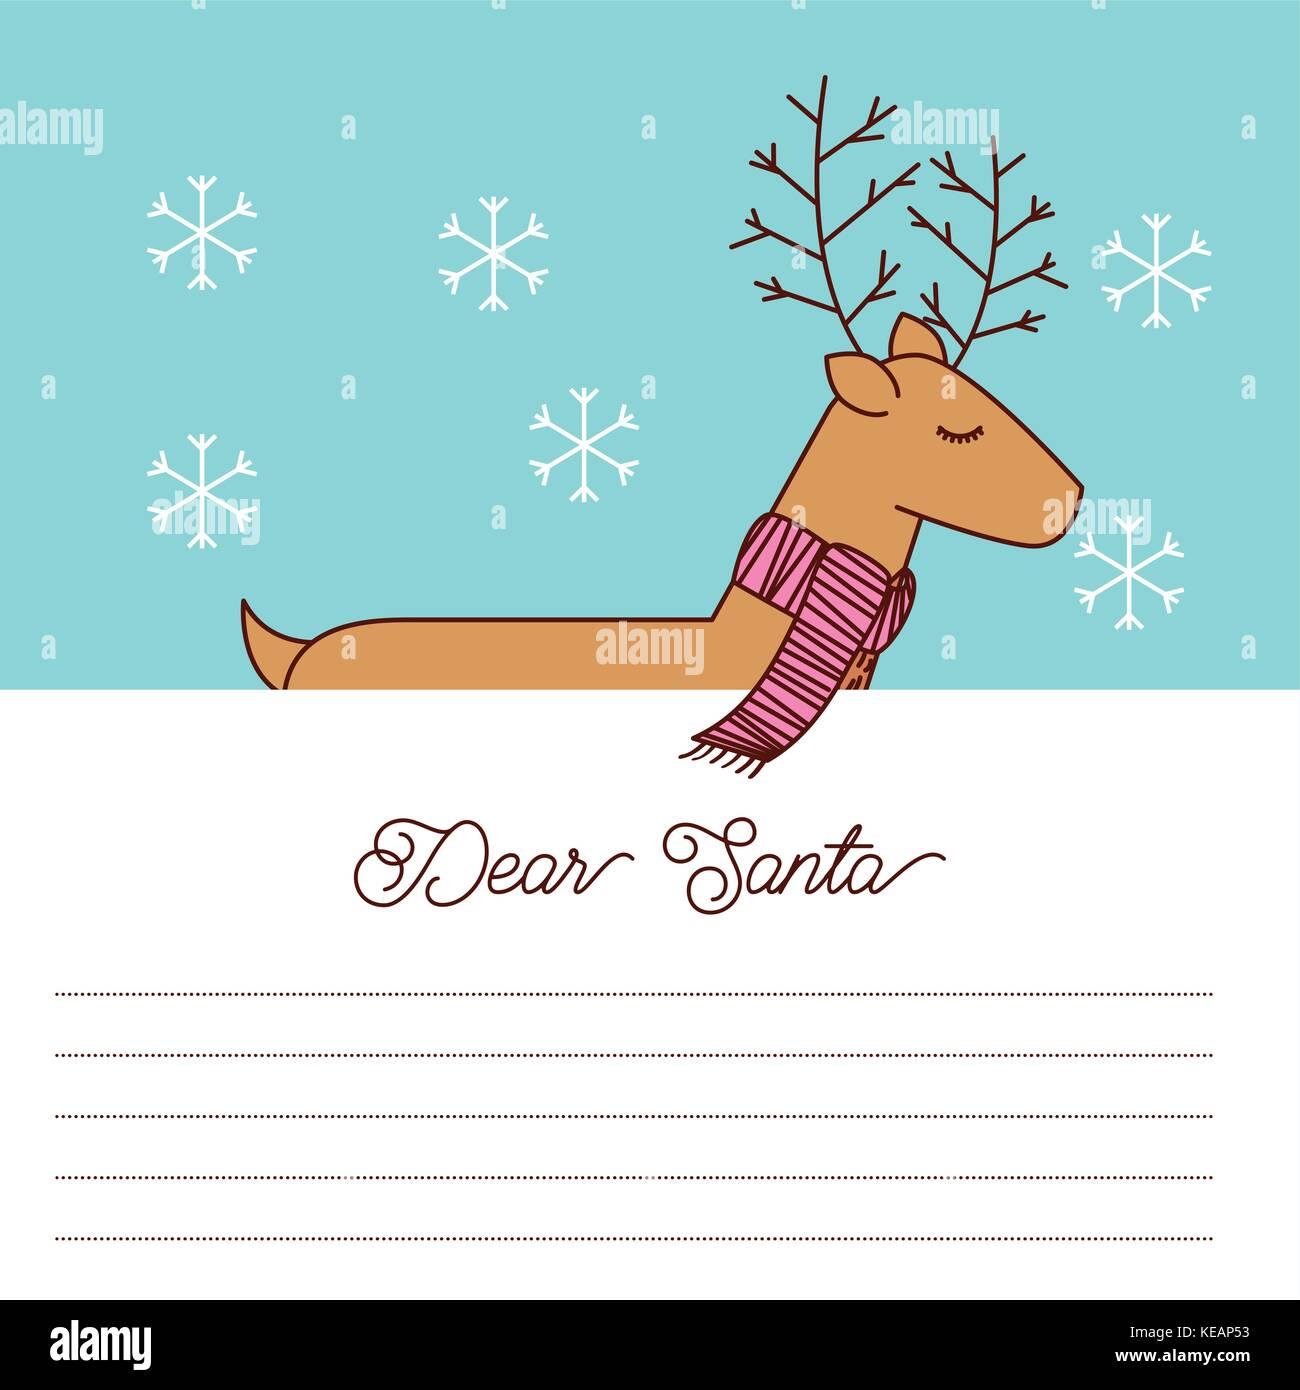 Dear Santa Letter Stock Photos & Dear Santa Letter Stock Images - Alamy